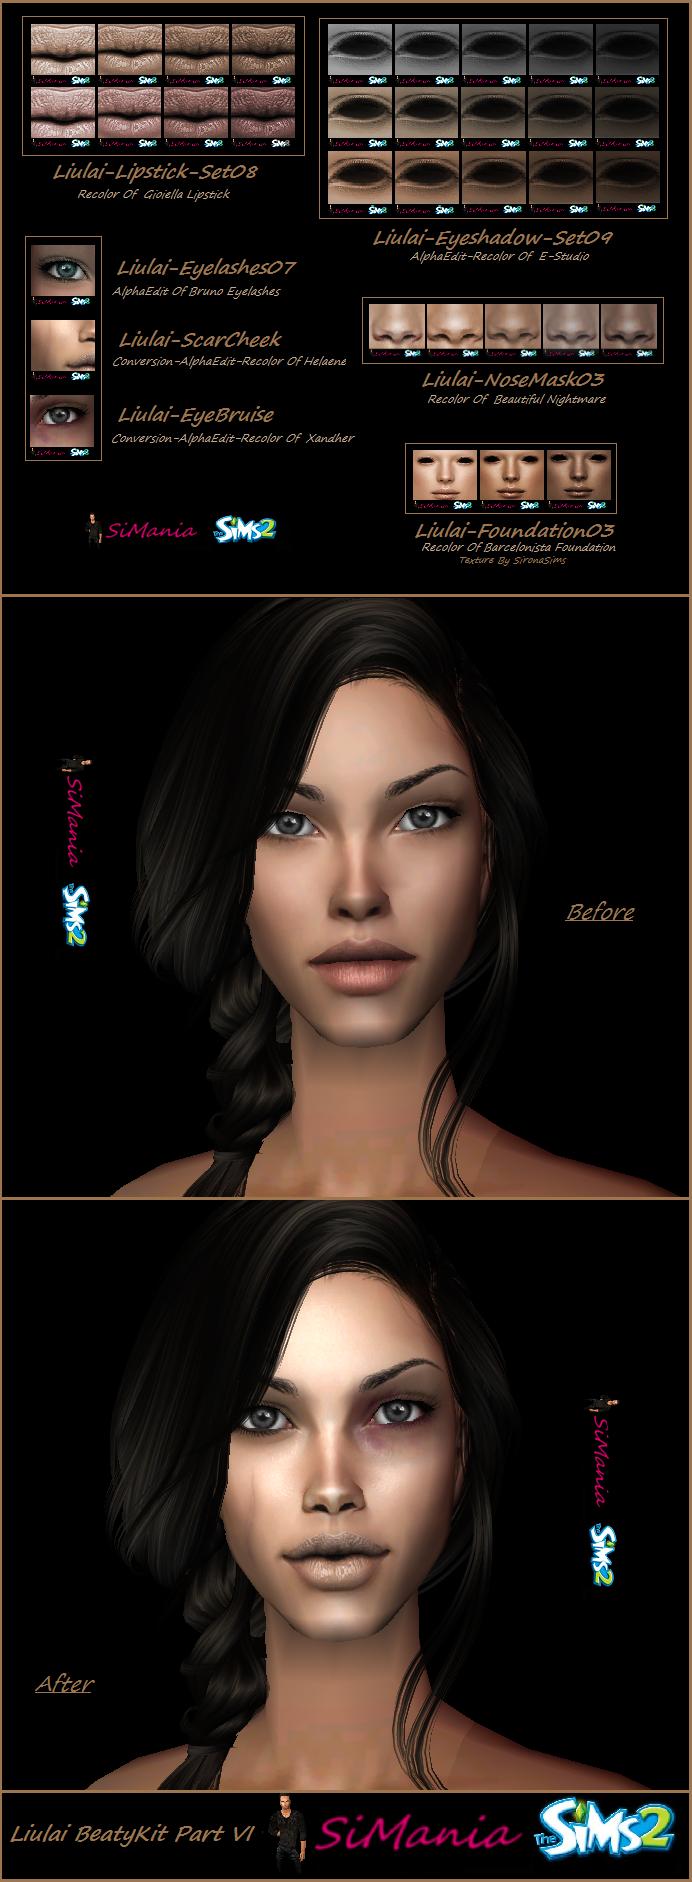 BeautyKit-Part VI